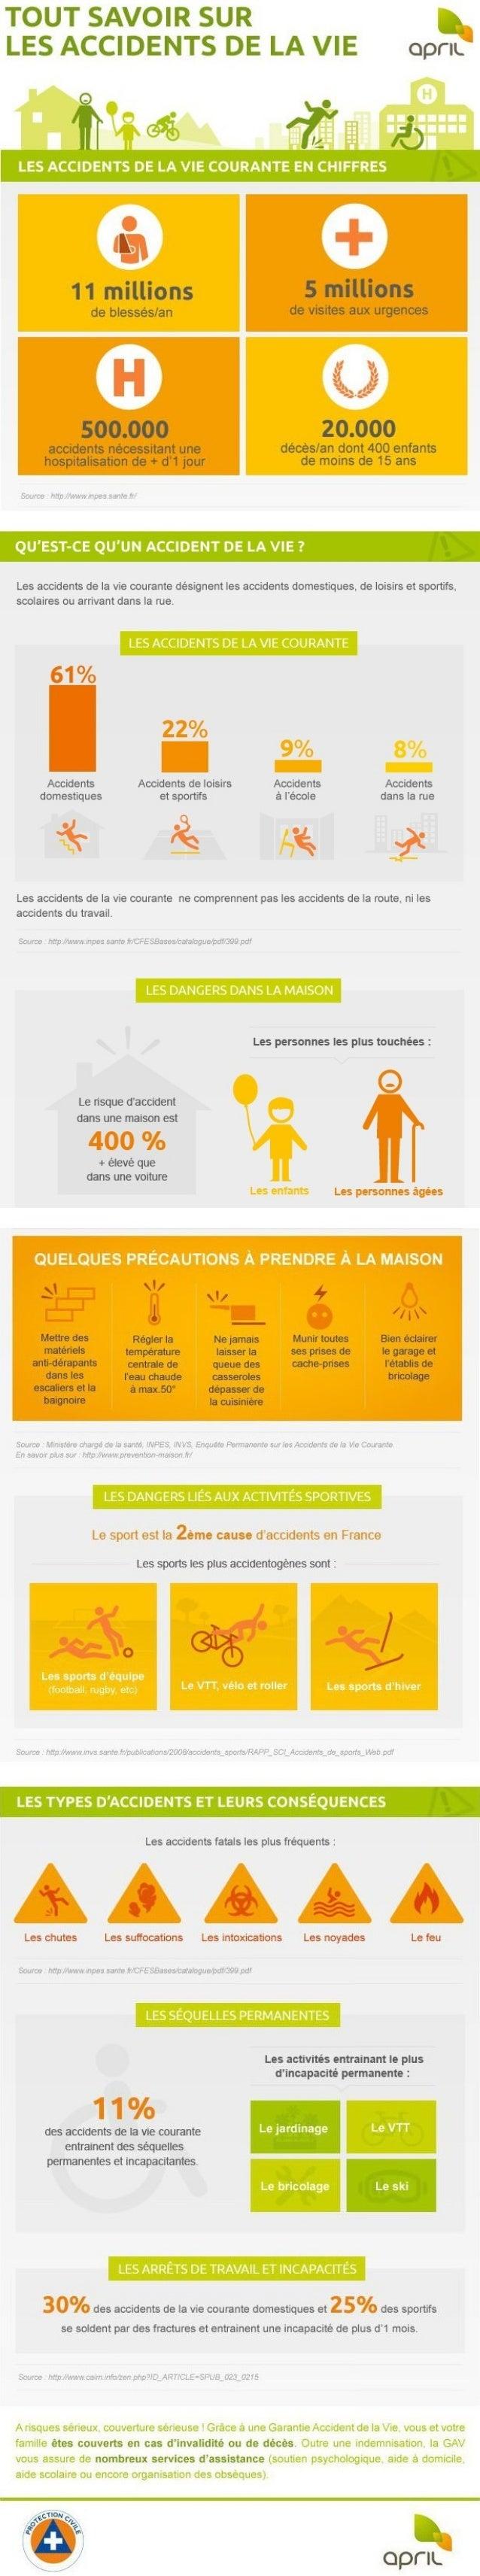 TOUT SAVOIR SUR 5 LES ACCIDENTS DE LA VIE oprIL'  LES ACCIDENTS DE LA VIE COURANTE EN CHIFFRES     11 millions S millions ...